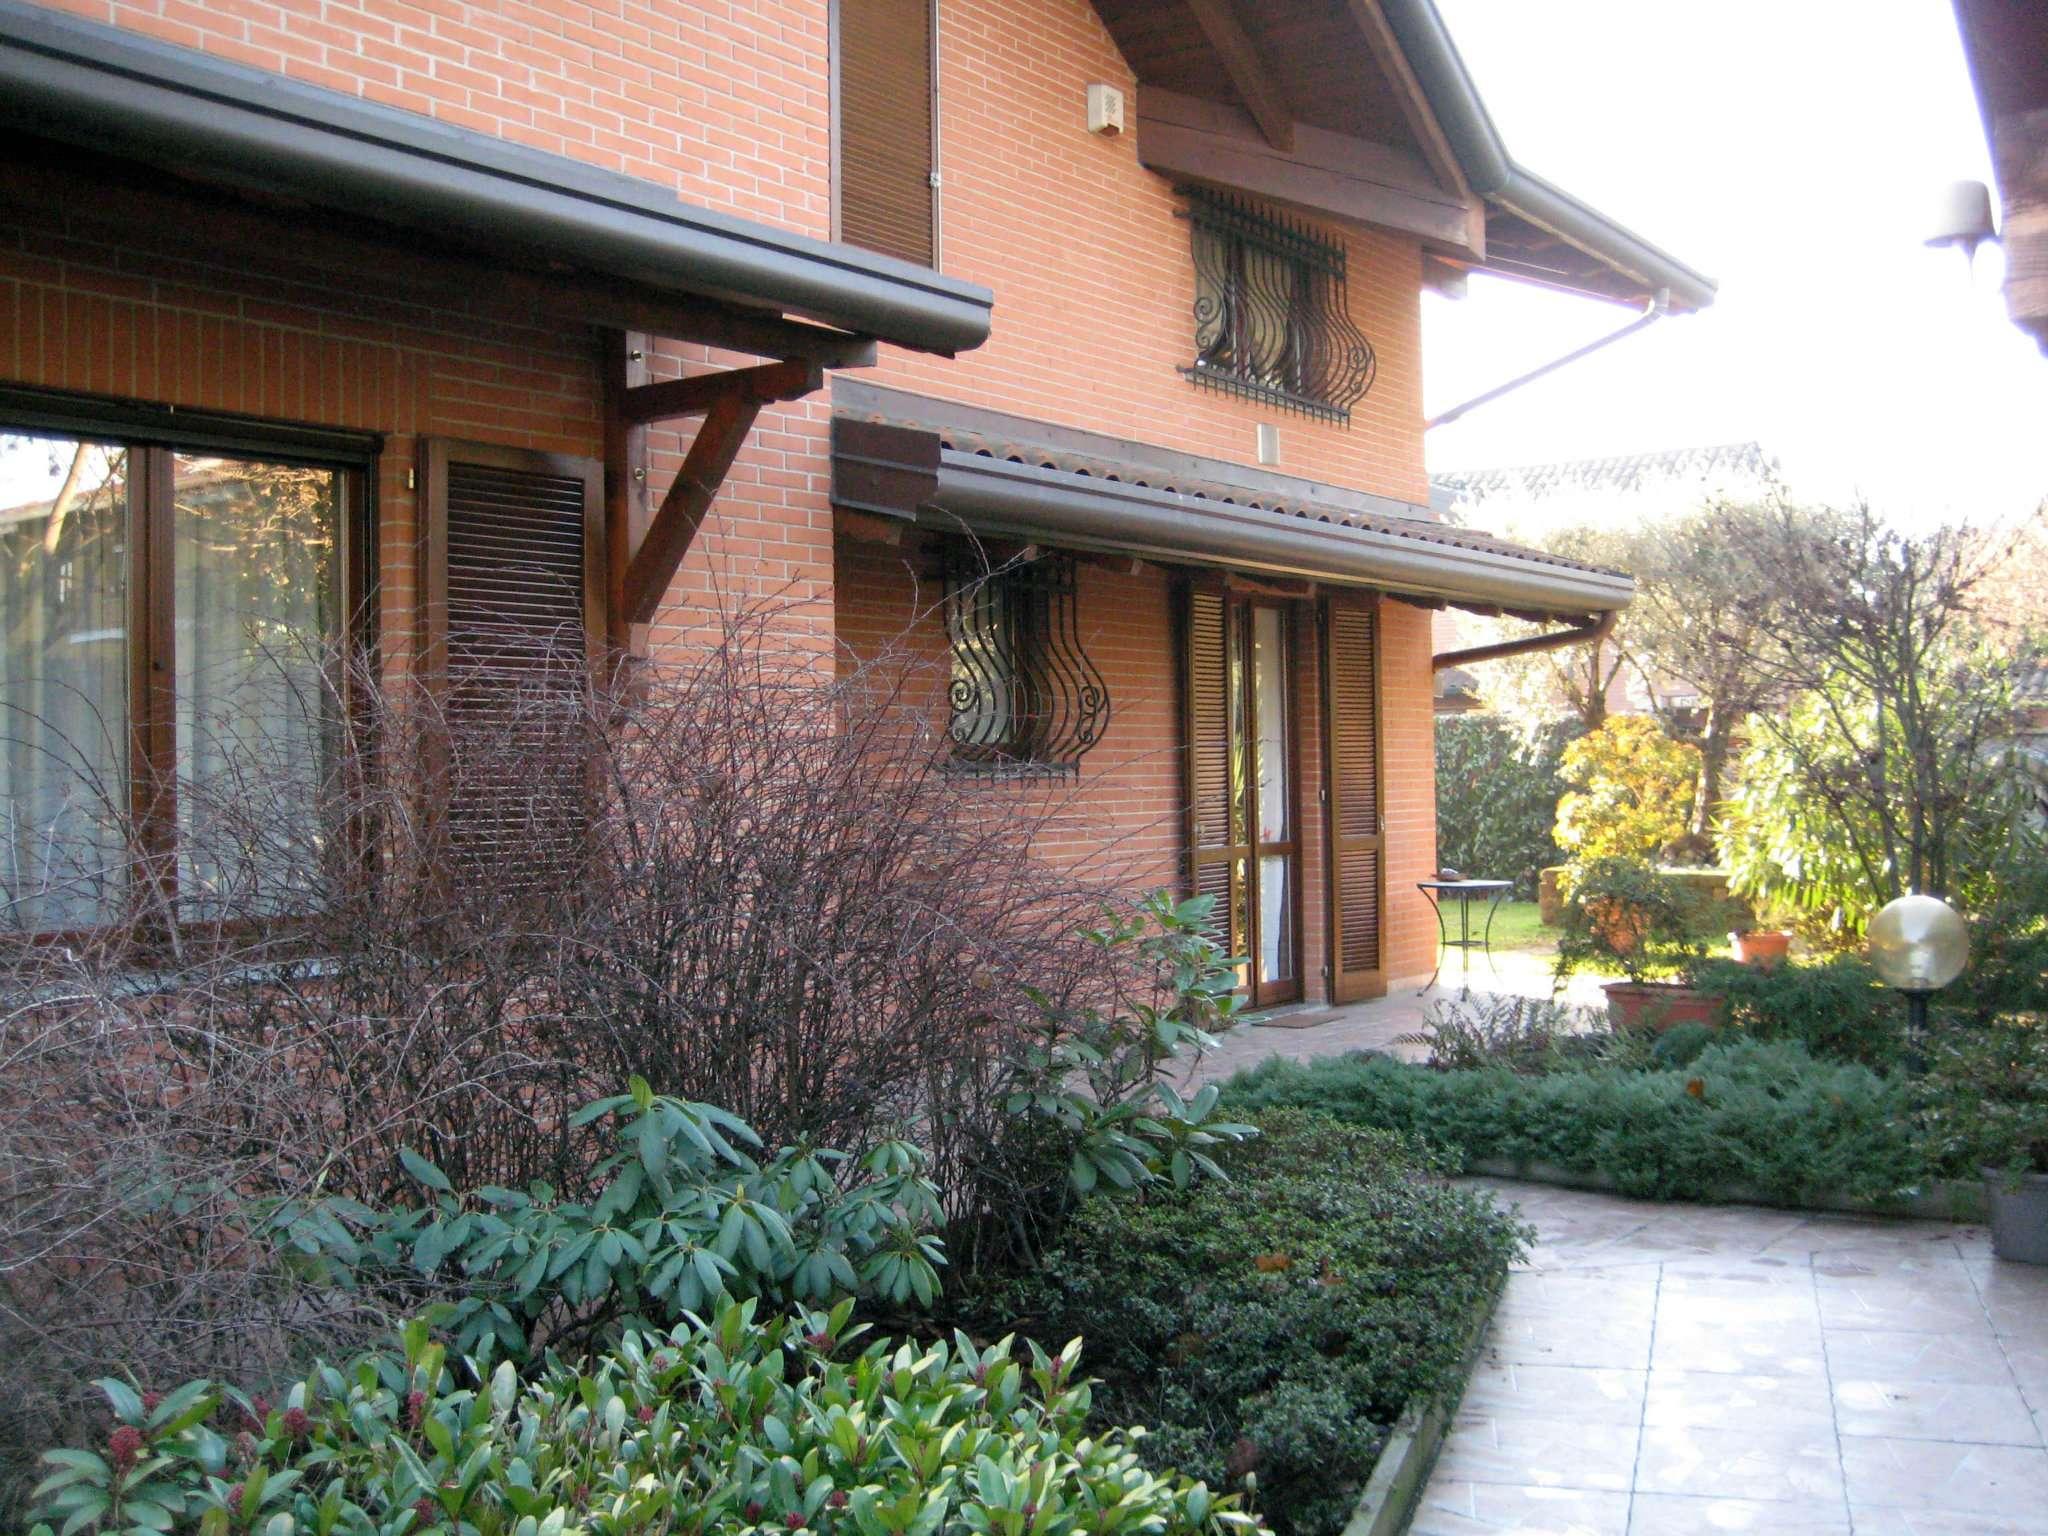 Villa in vendita a Caronno Pertusella, 5 locali, prezzo € 590.000 | CambioCasa.it